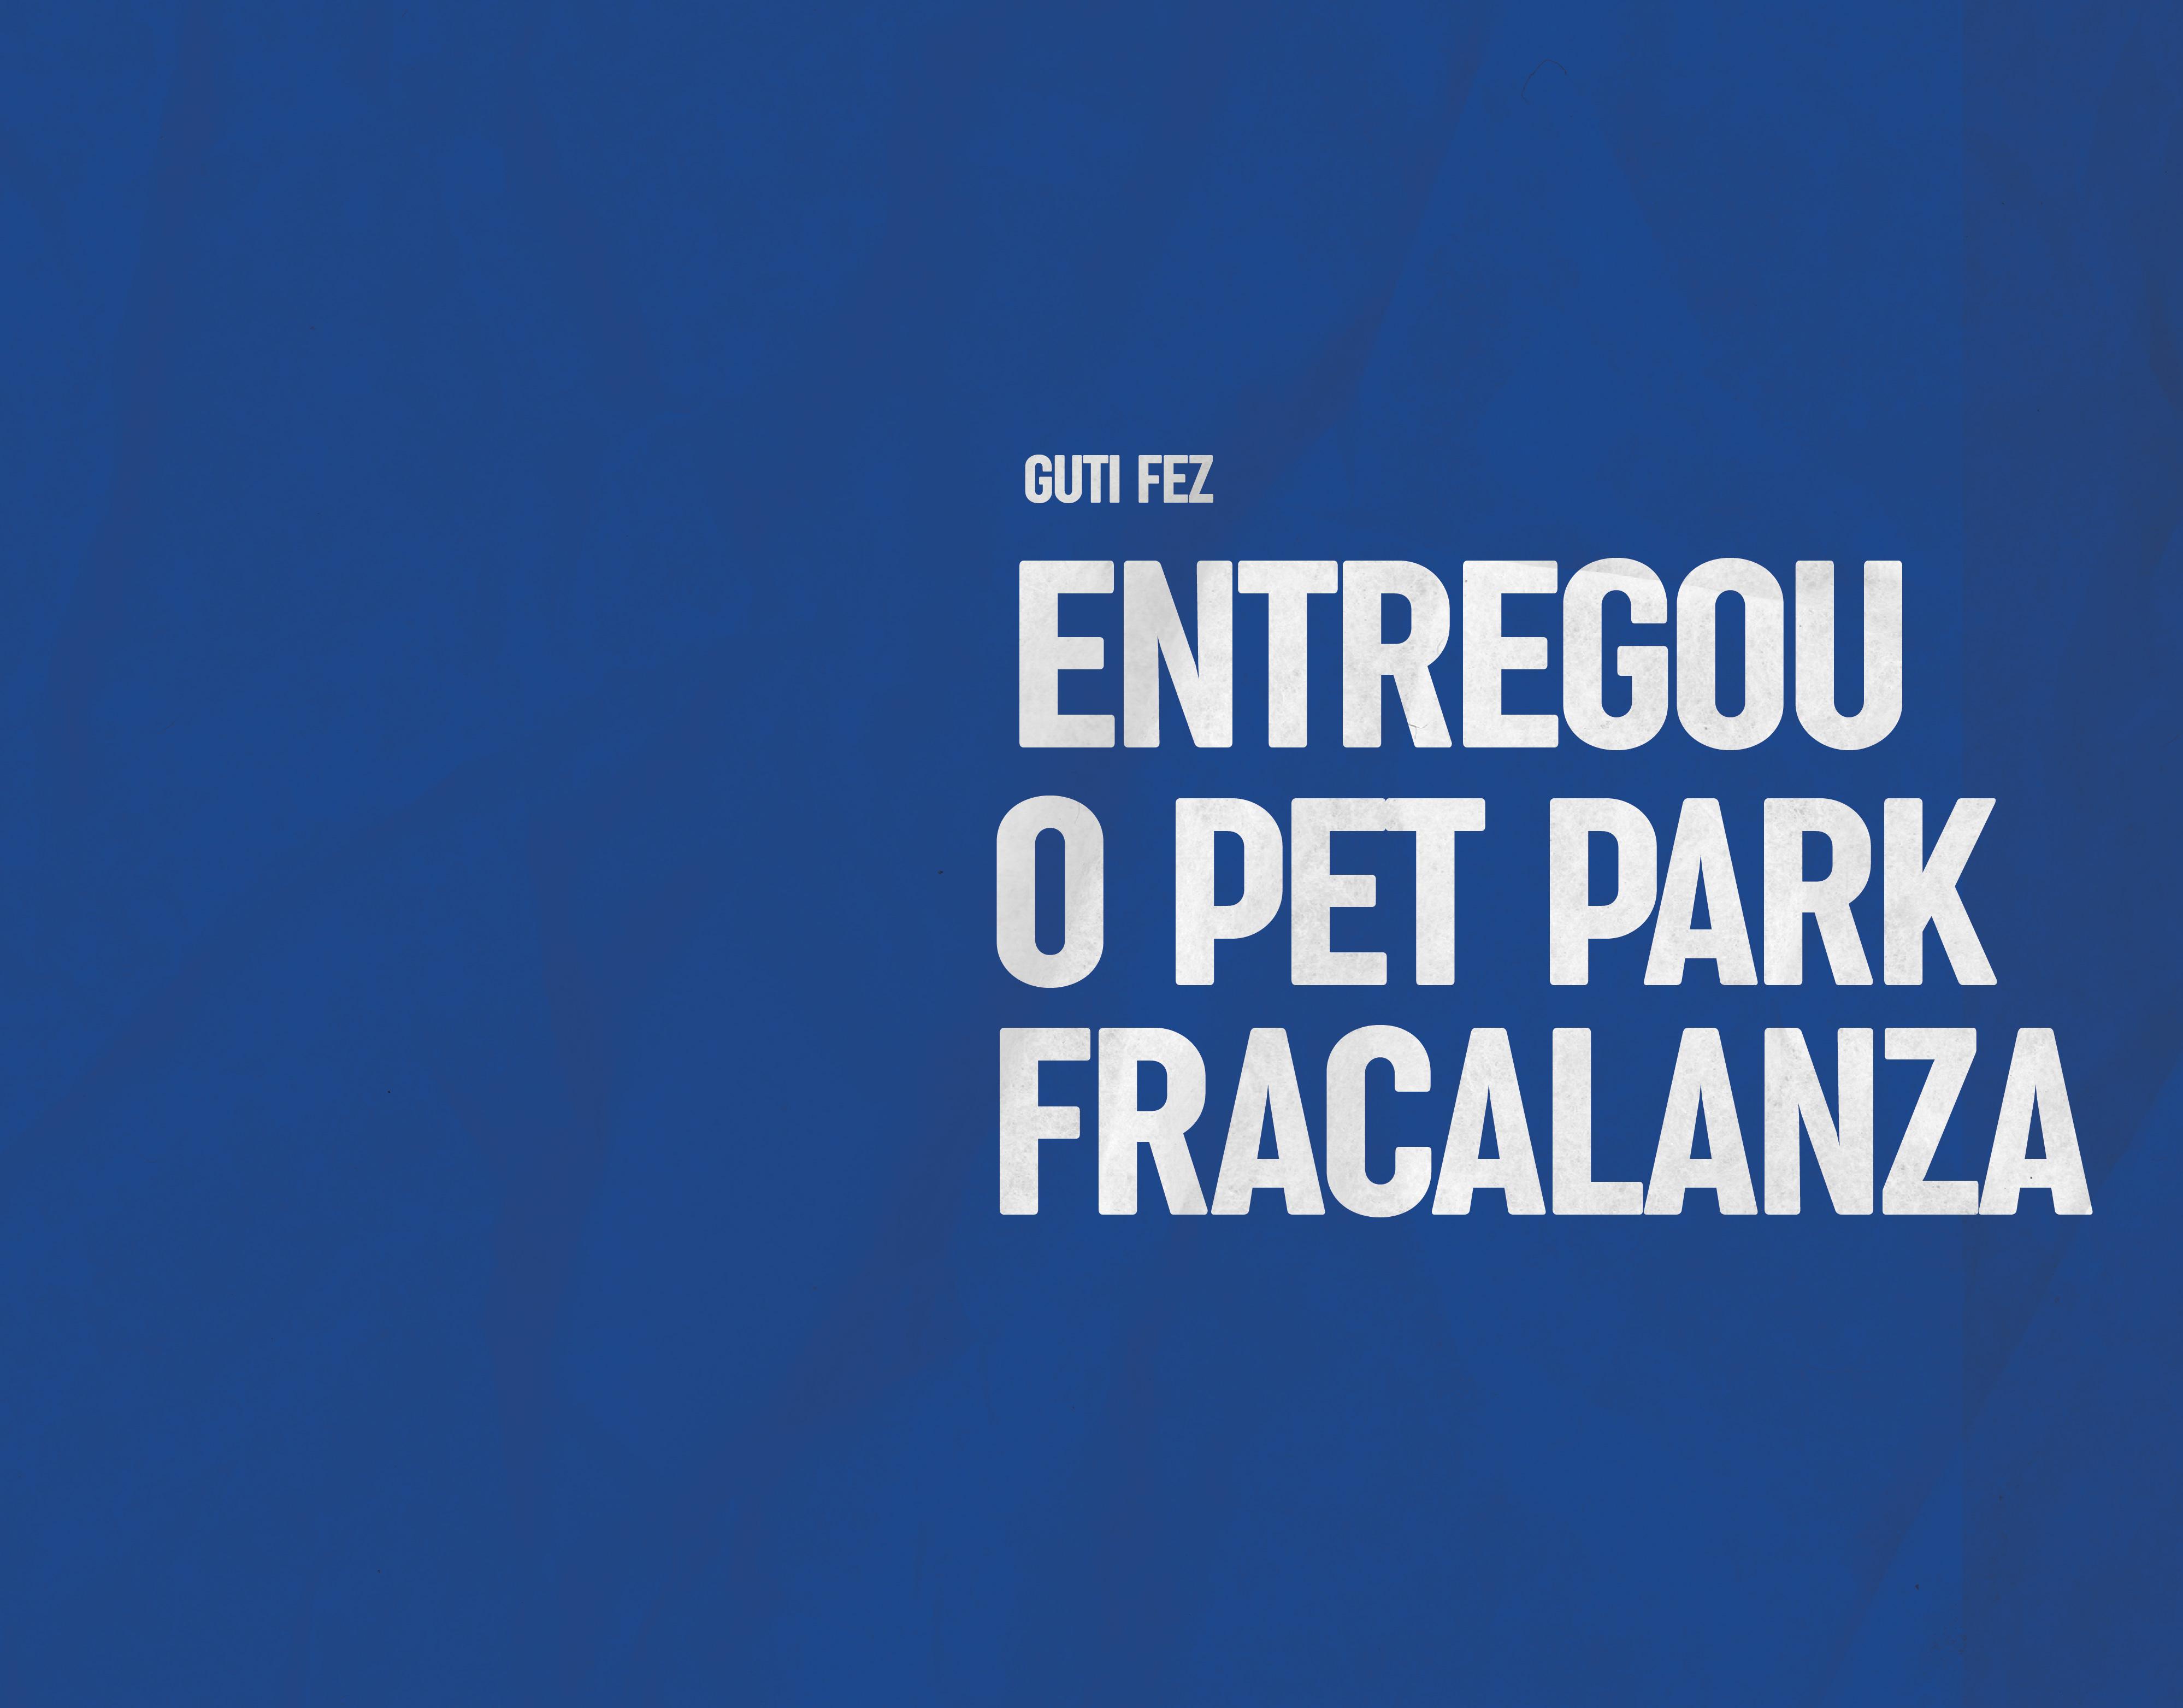 Entregou o Pet Park Fracalanza